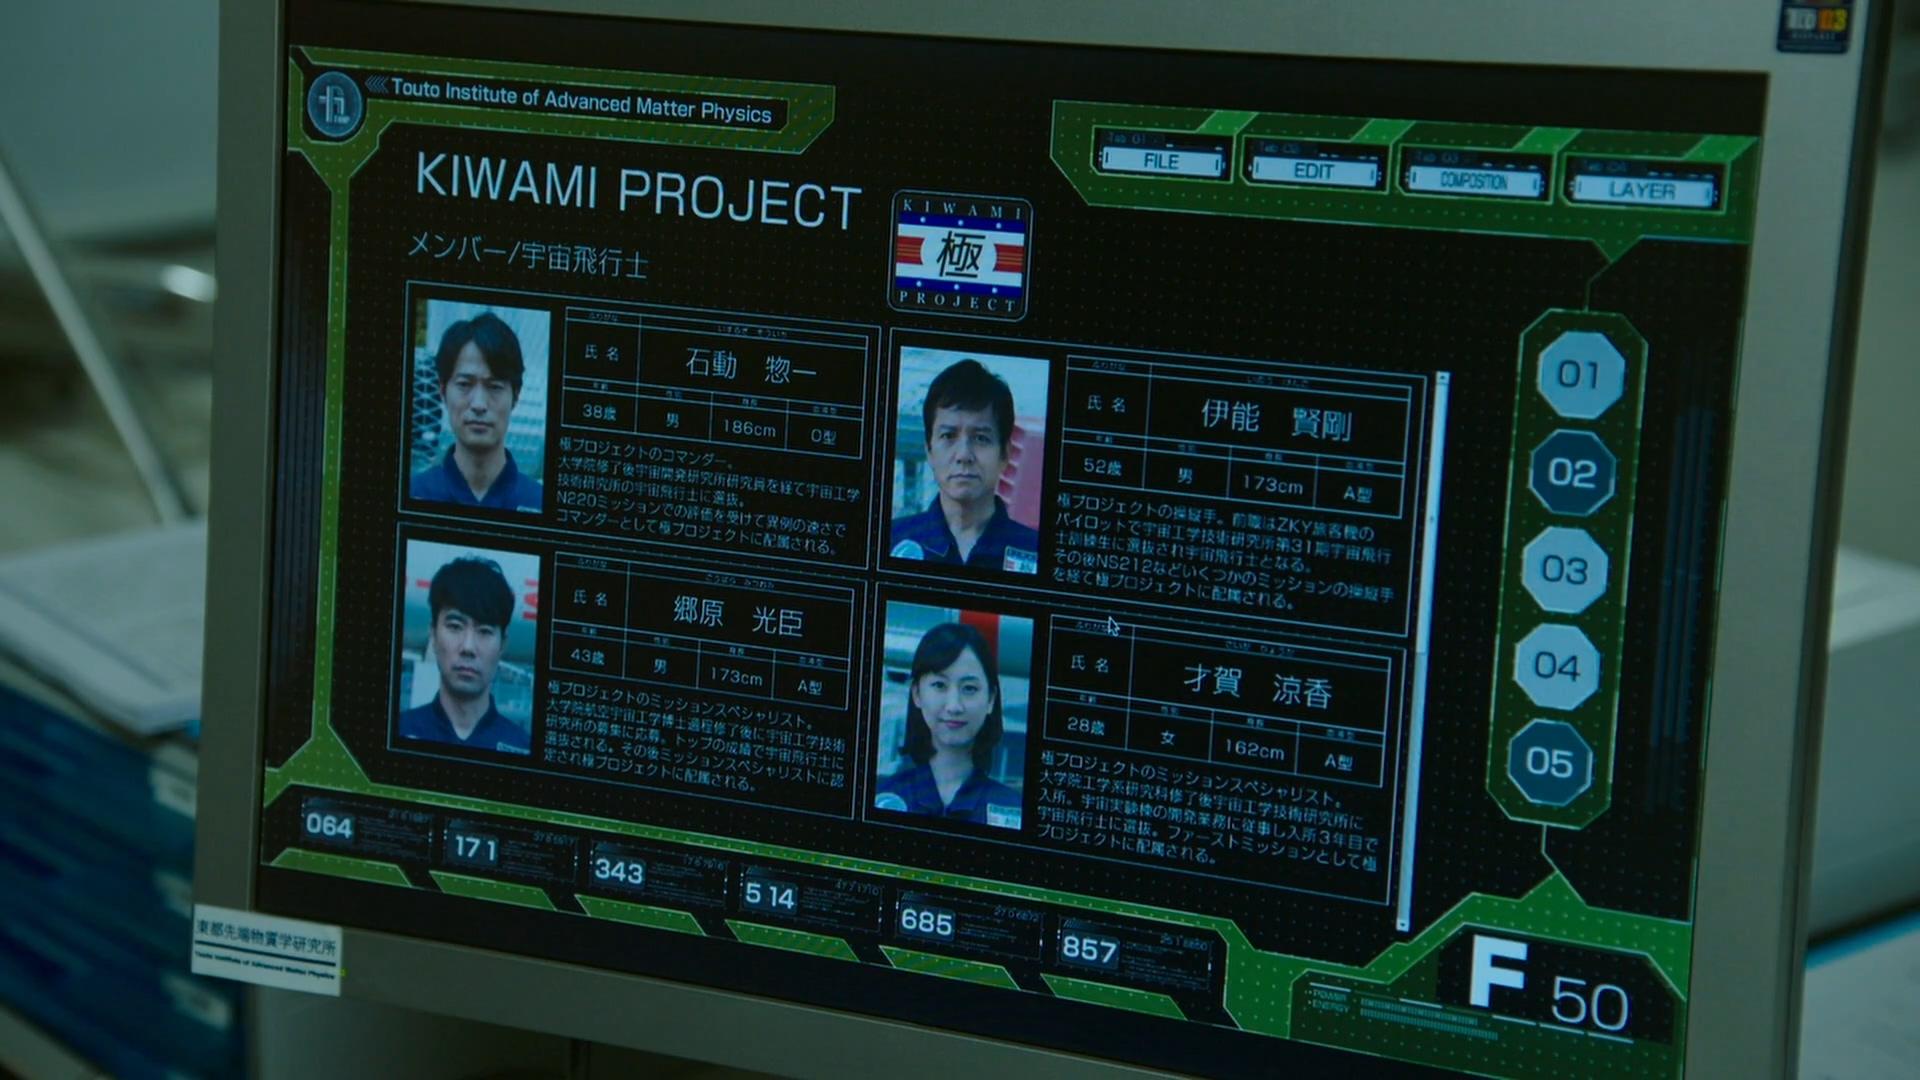 Kiwami Project